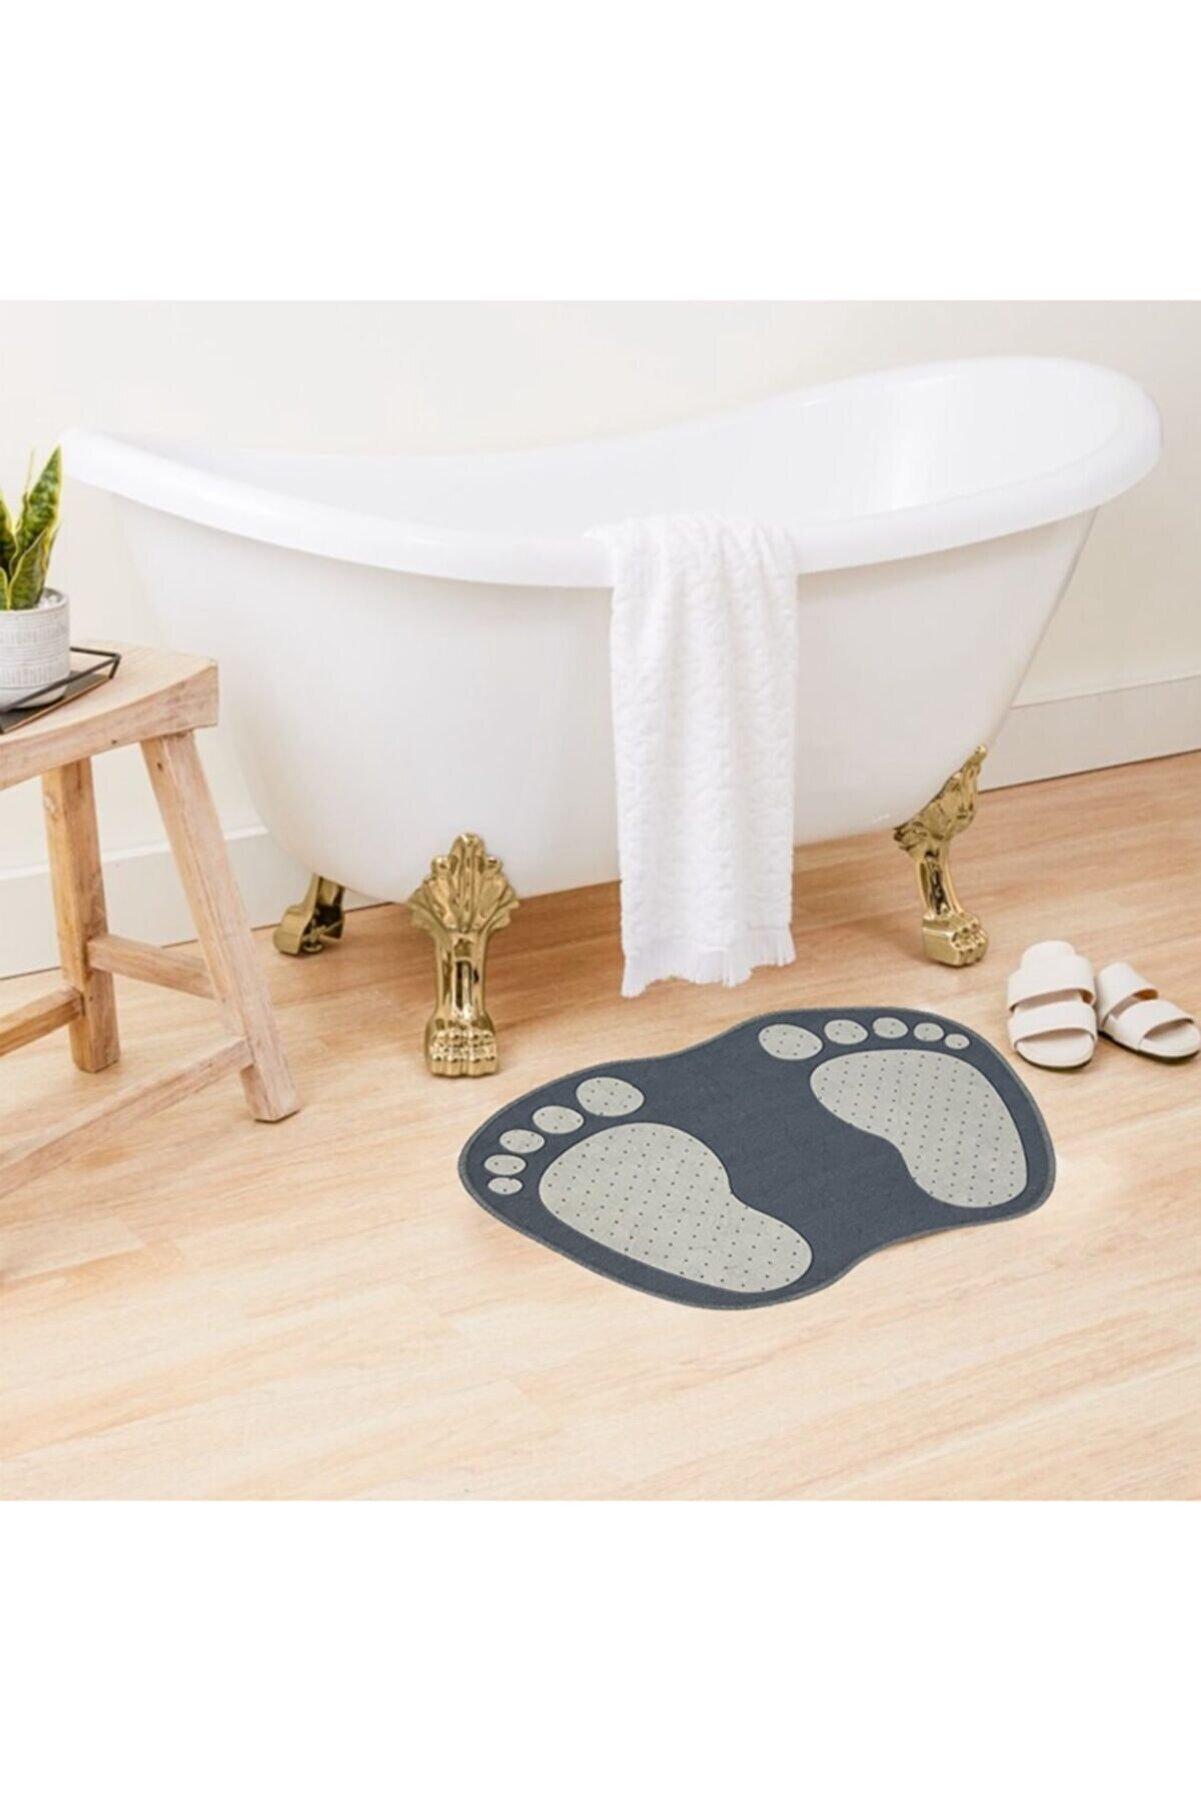 Sermat Ayak Izi Desen Banyo Paspası 40cmx60cm